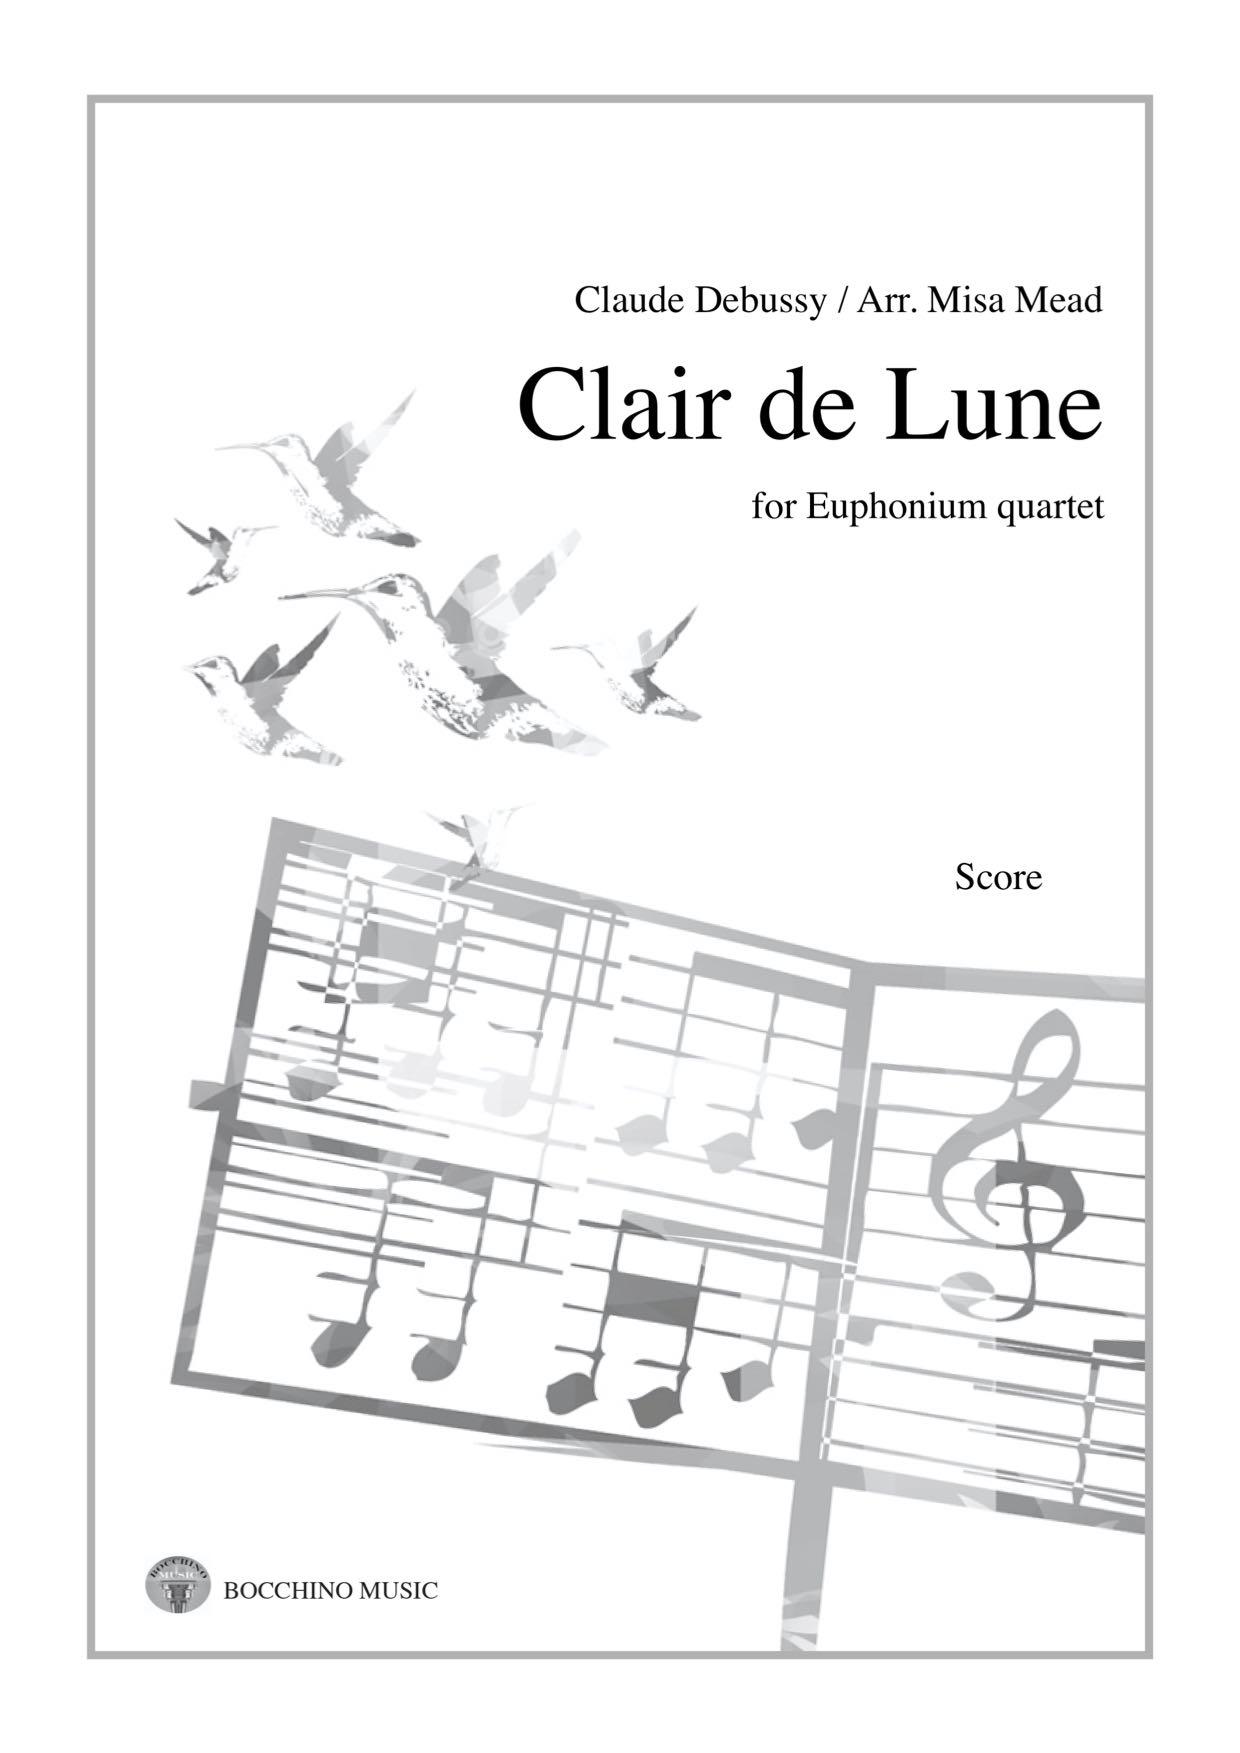 Clair de Lune - Debussy Arr. Misa Mead - Euphonium Quartet